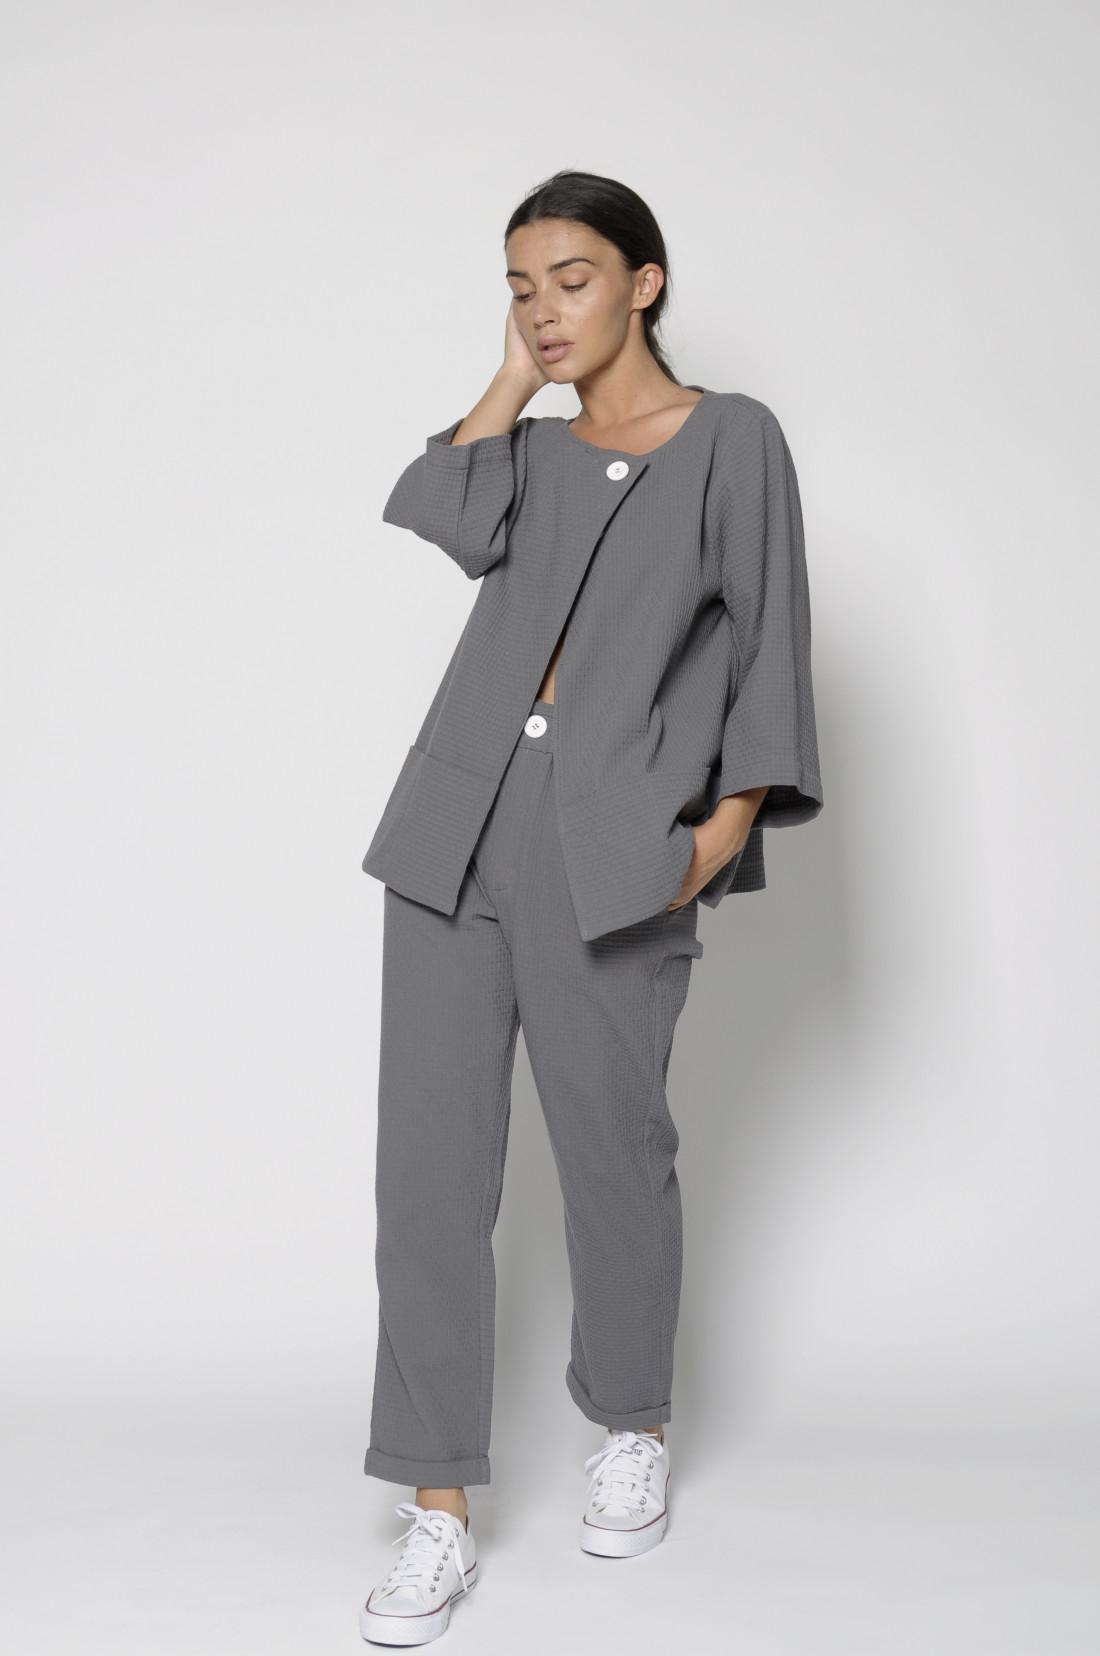 Pantalón gris de algodón 100%, PanProductoBasico, con efecto entramado y bolsillos